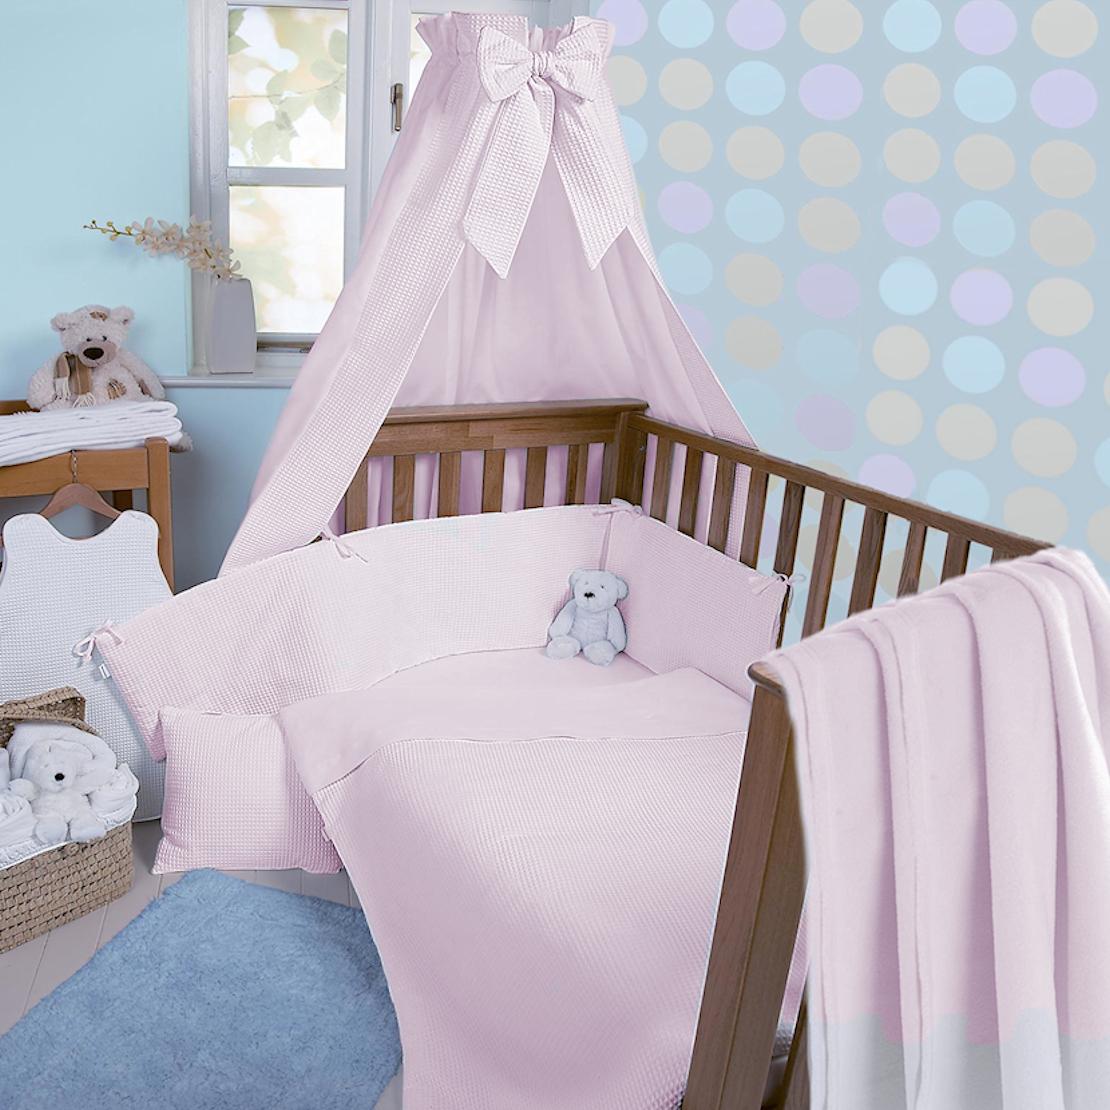 Children's bed linen Clair de Lune Soft waffle 3 pieces Children's bed / children's bed linen HSHHBTU